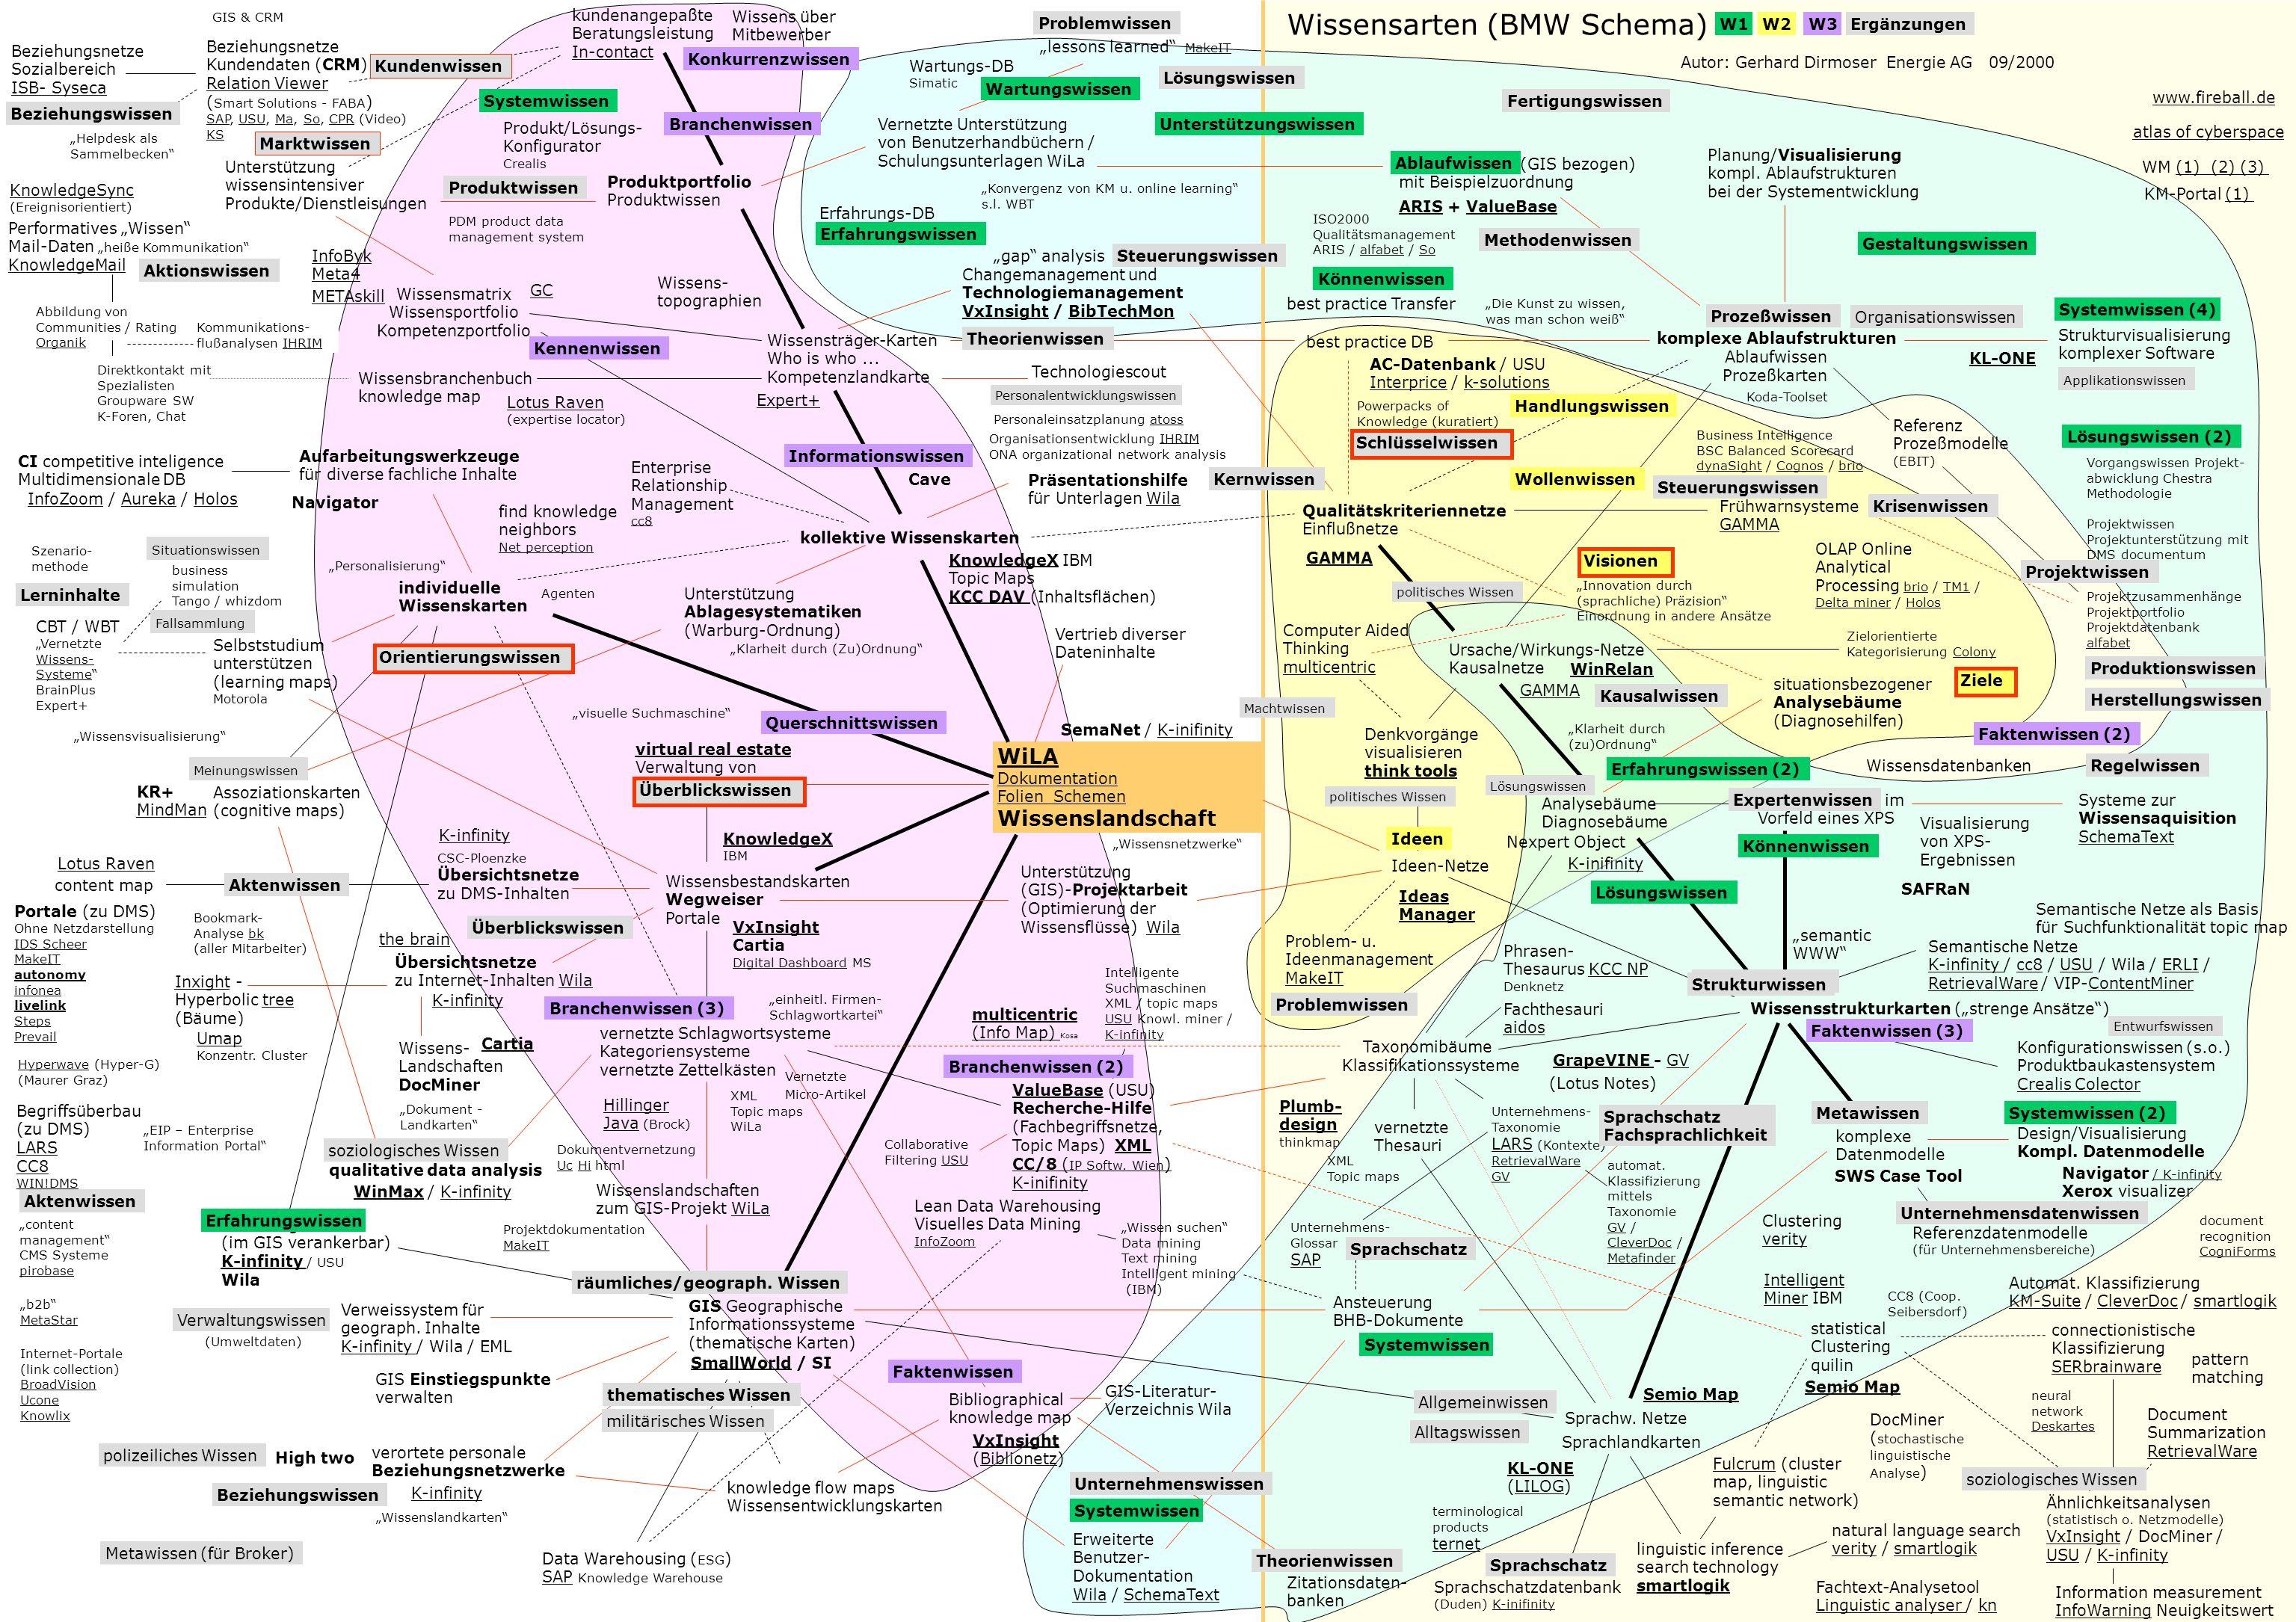 Wissensarten (BMW Schema) Autor: Gerhard Dirmoser Energie AG 09/2000 Ablaufwissen (GIS bezogen) mit Beispielzuordnung ARISARIS + ValueBaseValueBase best practice DB AC-Datenbank / USU InterpriceInterprice / k-solutionsk-solutions Prozeßwissen komplexe Ablaufstrukturen Ablaufwissen Prozeßkarten Planung/Visualisierung kompl.